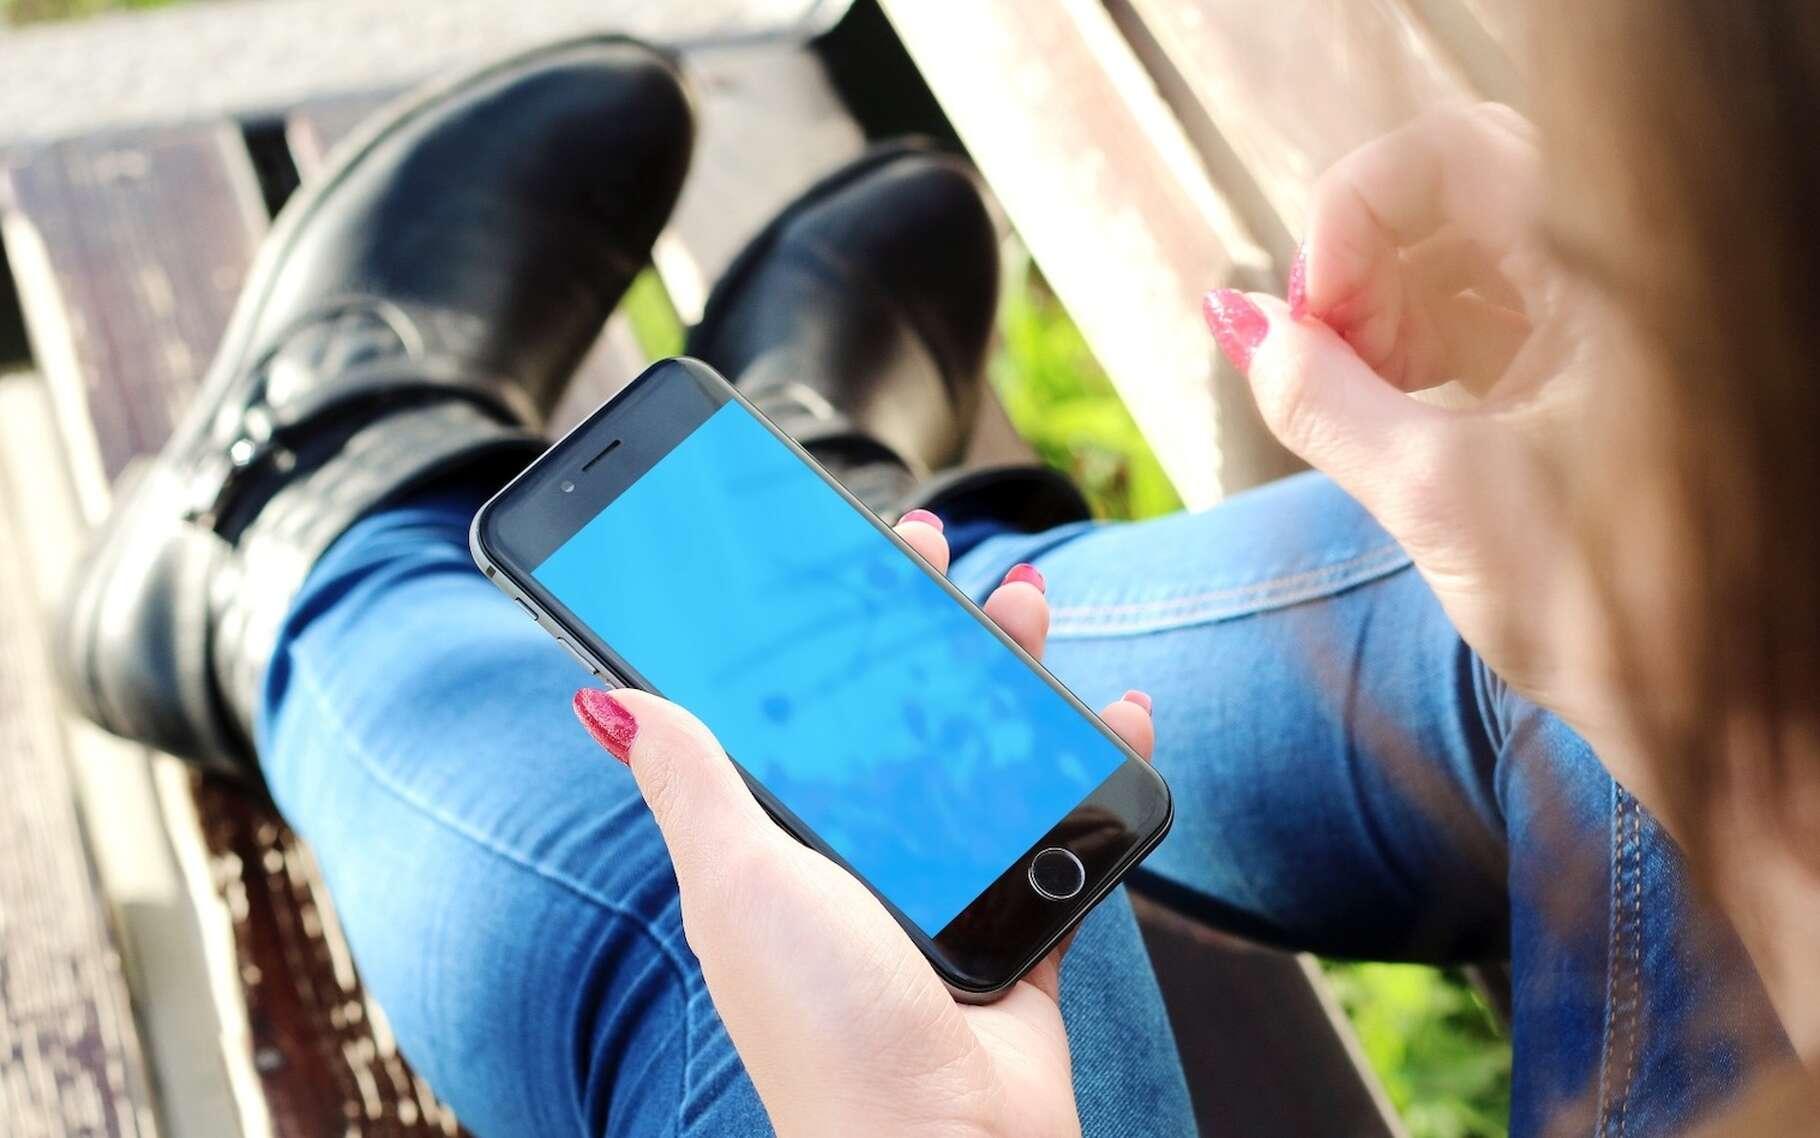 Selon des chercheurs de l'université de l'État de Pennsylvanie (États-Unis), les gens qui utilisent des appareils électroniques, tels que les smartphones ou les tablettes, peuvent avoir du mal à comprendre les informations scientifiques. © JESHOOTS-com, Pixabay License